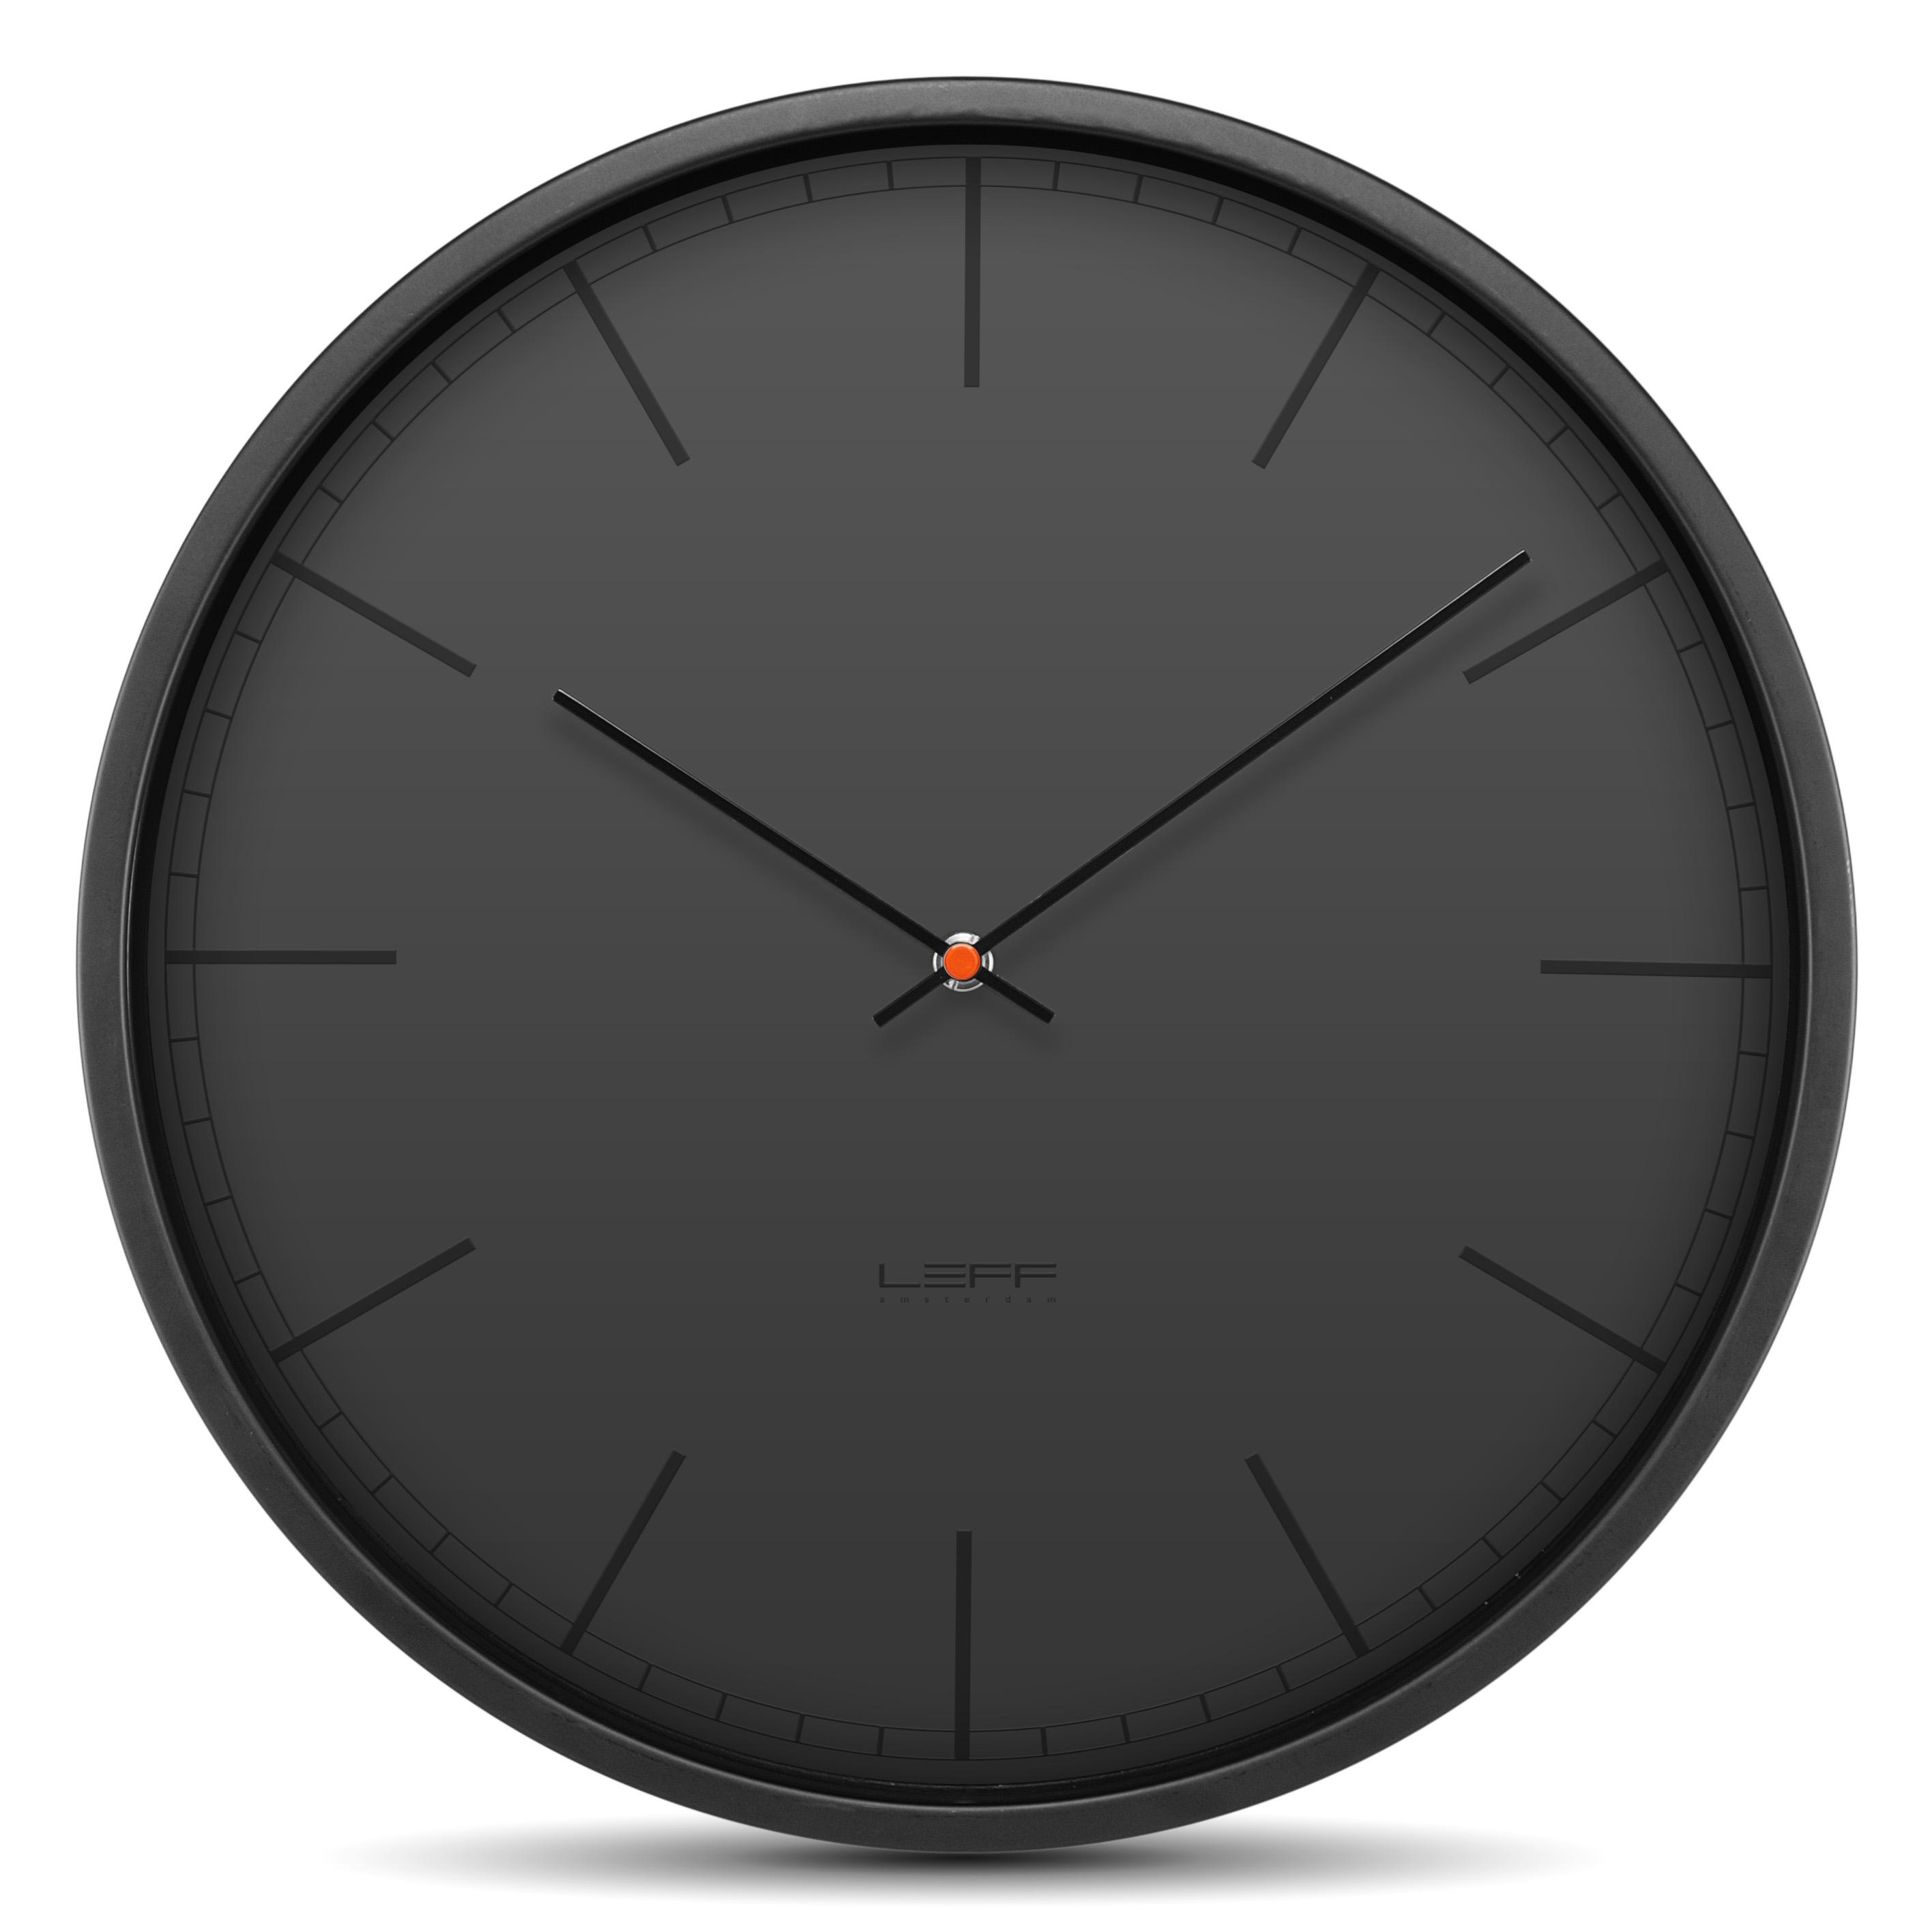 wanduhr tone35 index moderne wanduhren wanduhren wanduhren tischuhren wecker online. Black Bedroom Furniture Sets. Home Design Ideas